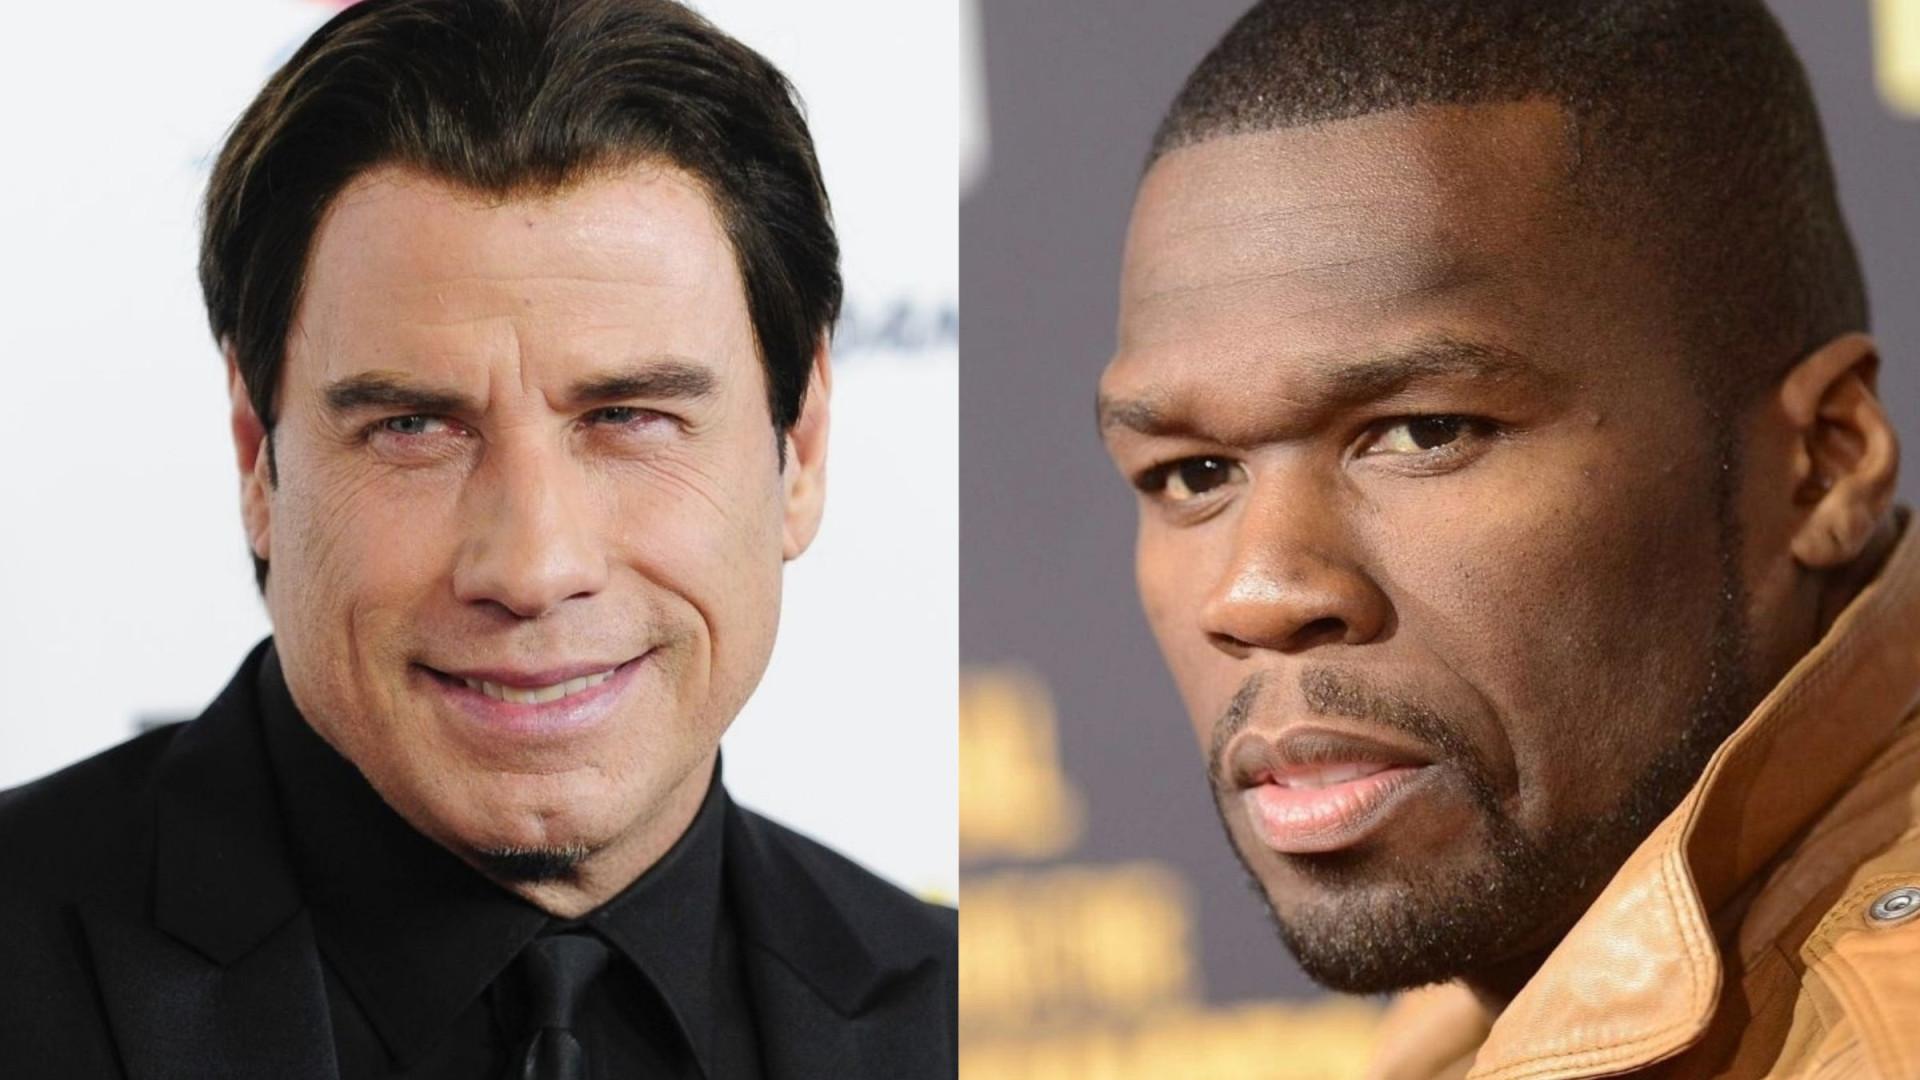 John Travolta mostra os seus dotes de dançarino ao lado de 50 Cent